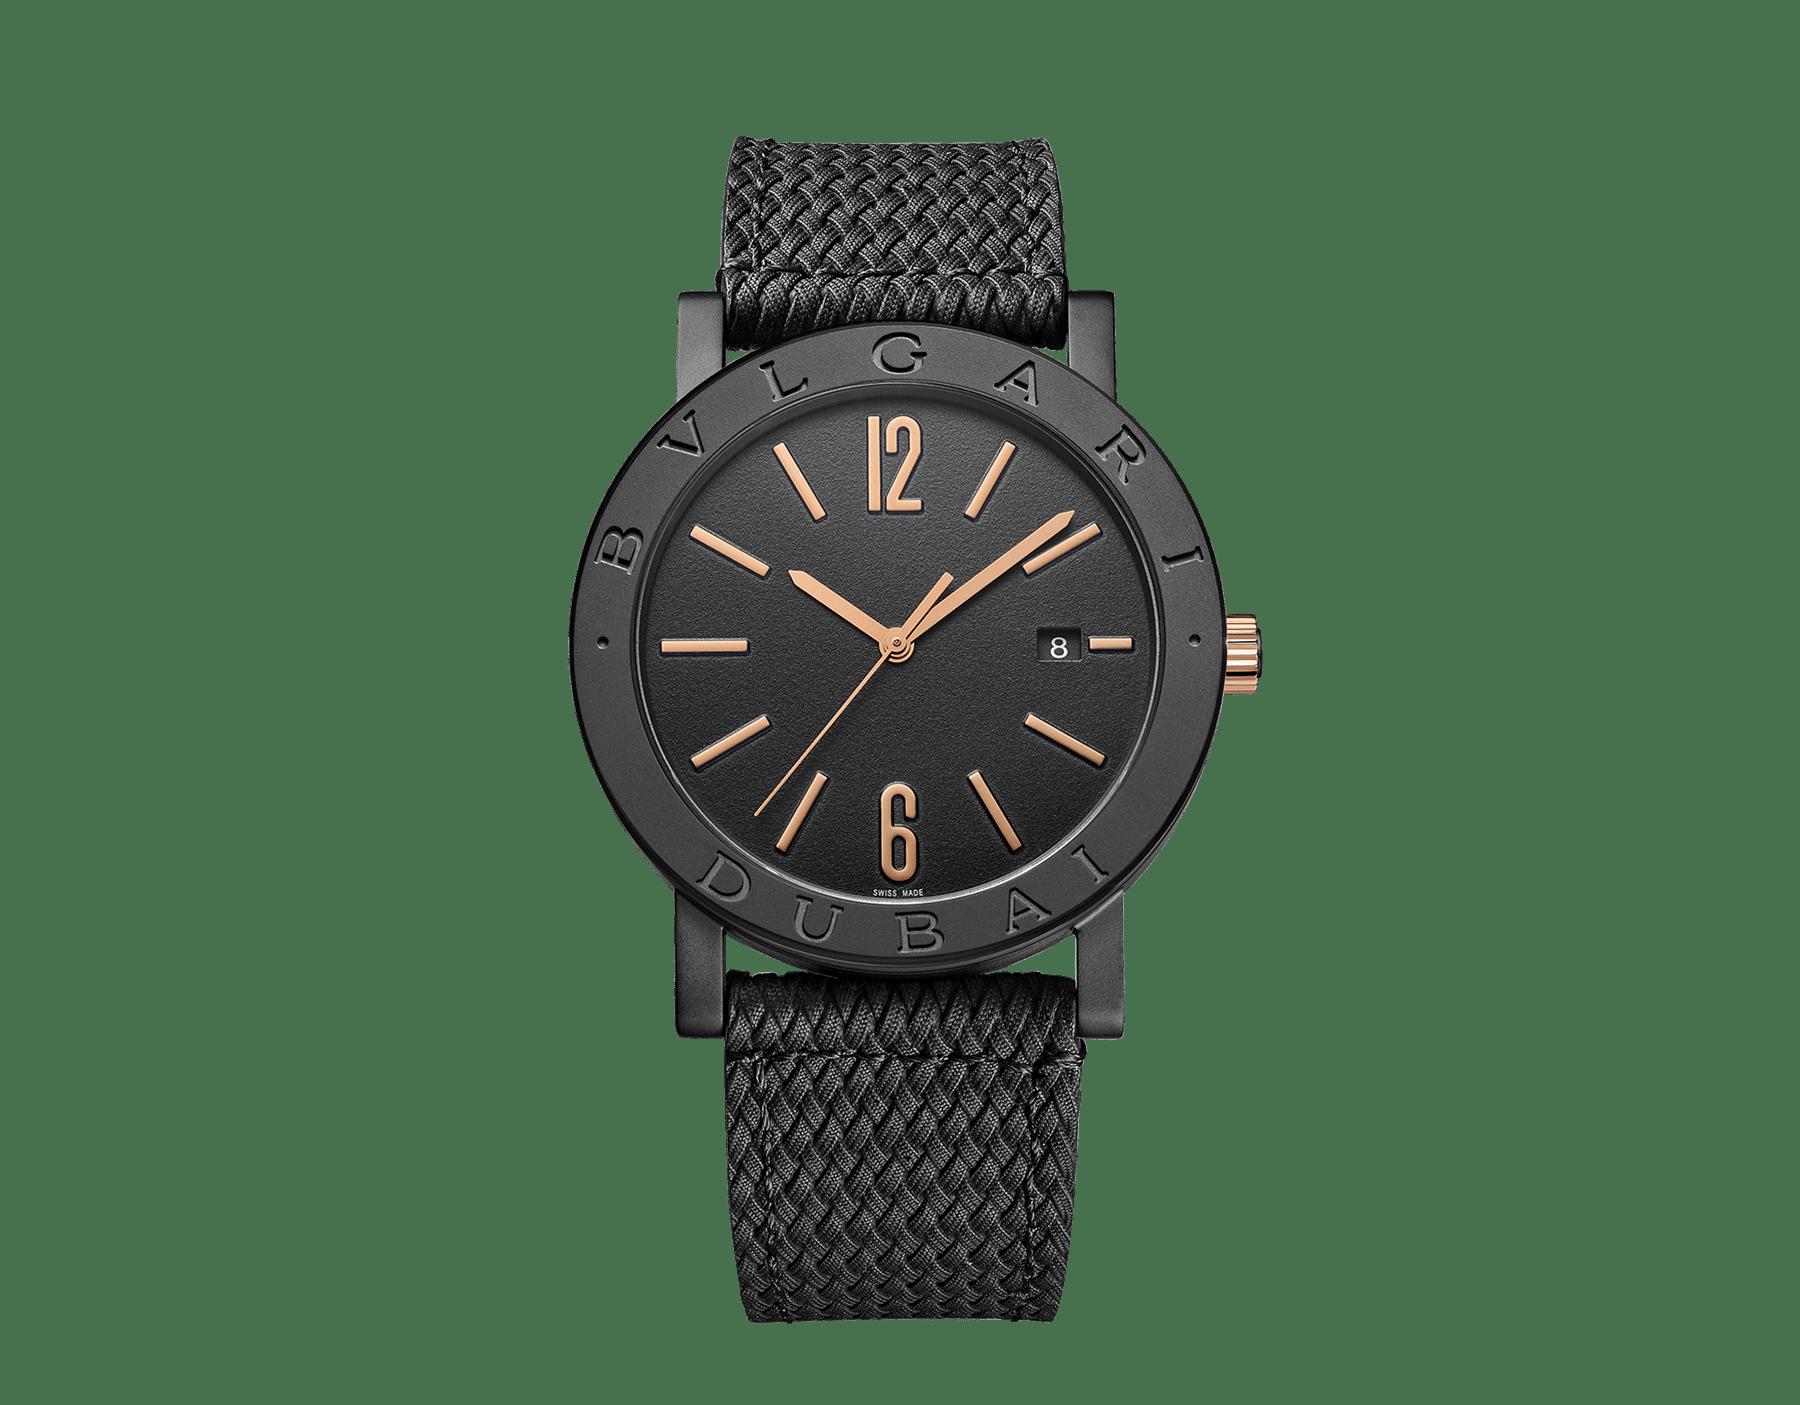 """ساعة """"بولغري بولغري سيتيز سبيشل إيديشن، DUBAI"""" بآلية حركة ميكانيكية مصنّعة من قبل بولغري، تعبئة أوتوماتيكية، آلية BVL 191.، علبة الساعة من الفولاذ المعالج بالكربون الأسود الشبيه بالألماس مع نقش """"BVLGARI DUBAI"""" على إطار الساعة، غطاء خلفي شفاف، ميناء مطلي بالمينا الأسود الخشن ومؤشرات الساعة من الذهب الوردي، سوار من جلد العجل البني، وسوار قابل للتبديل من المطاط الأسود. 103225 image 2"""